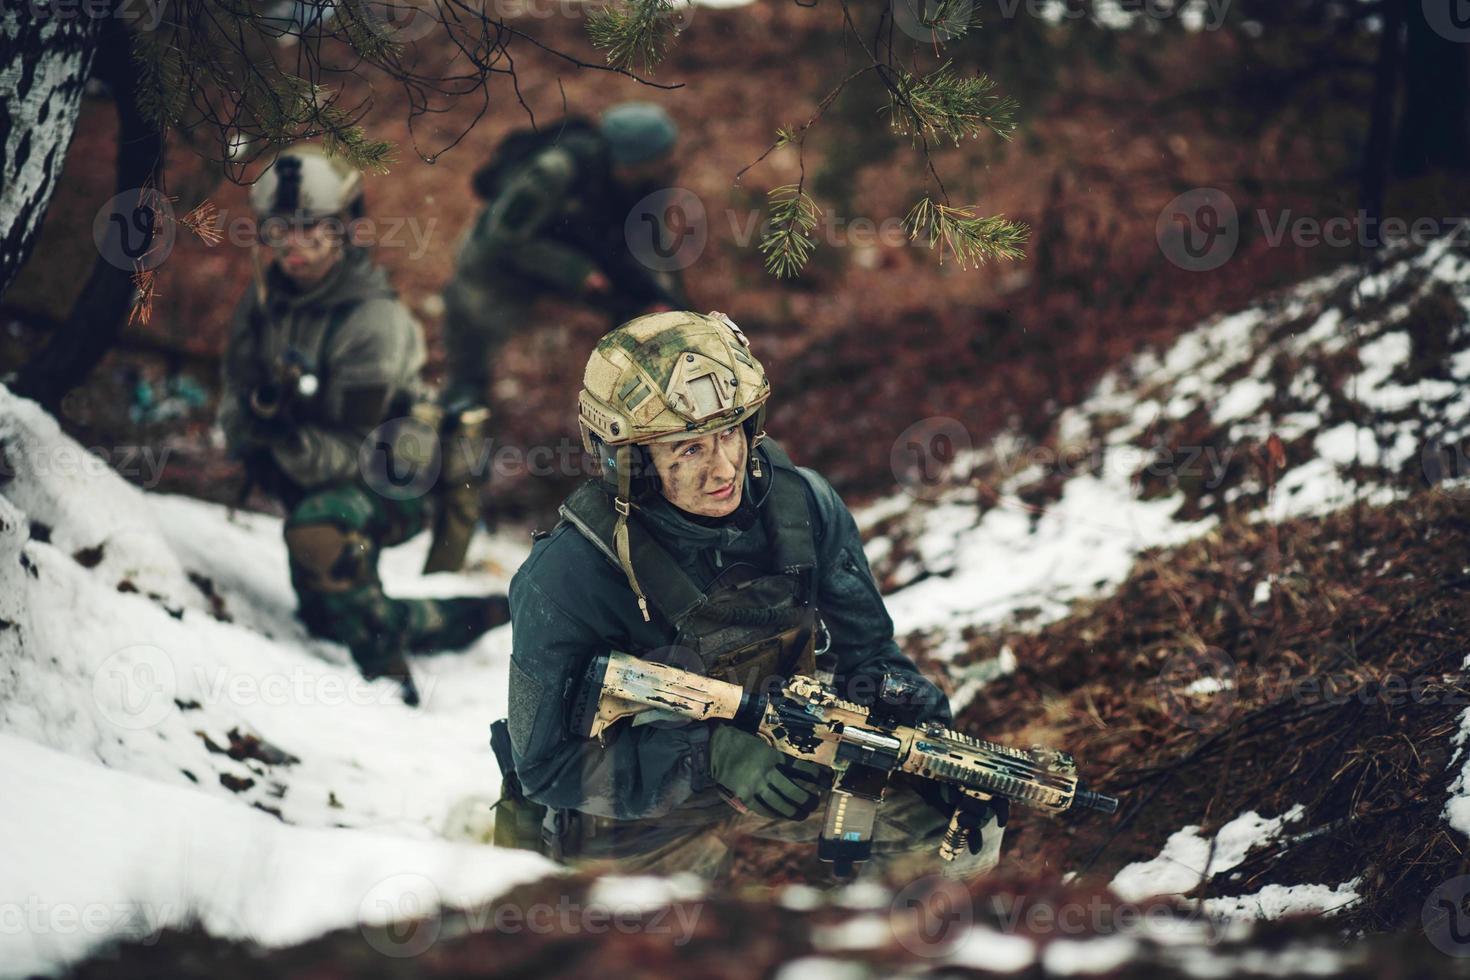 mujer soldado miembro del escuadrón de guardabosques foto